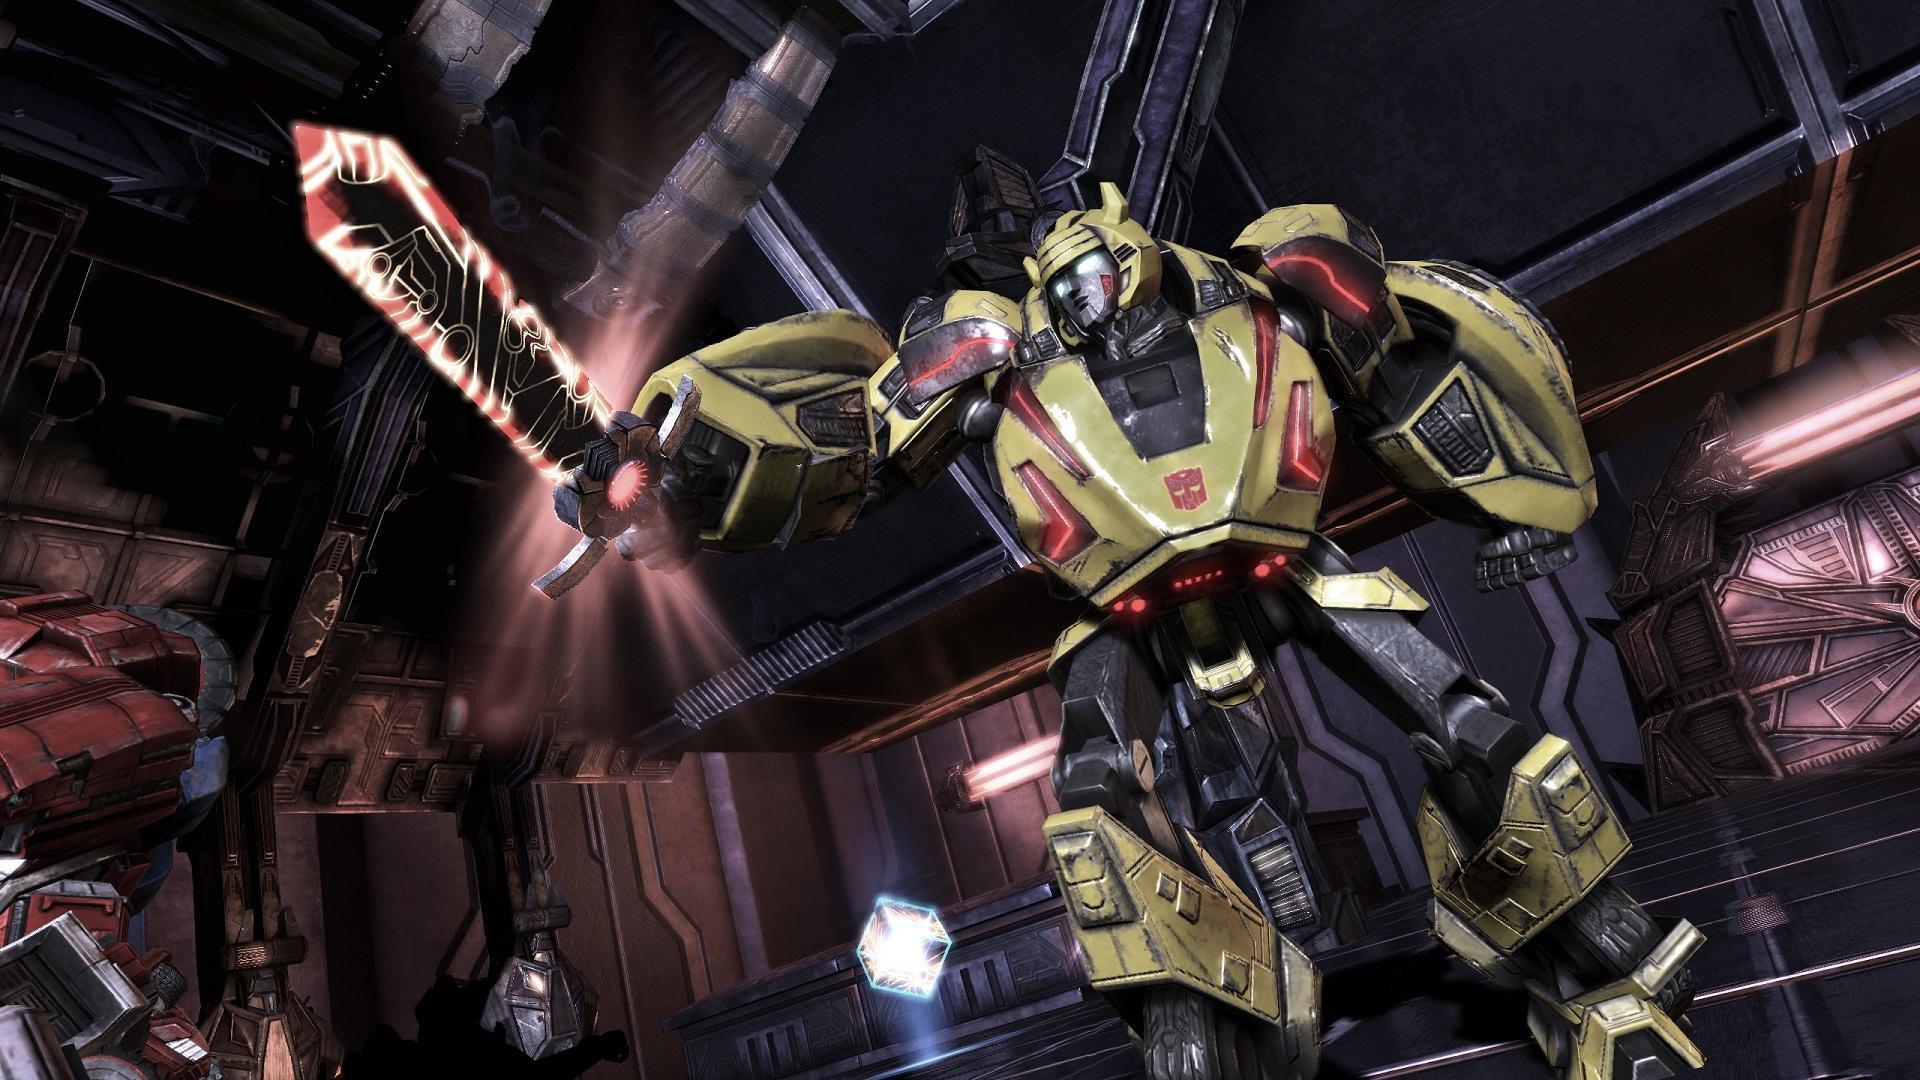 Transformers Cybertron Wallpaper Inspirational Steam